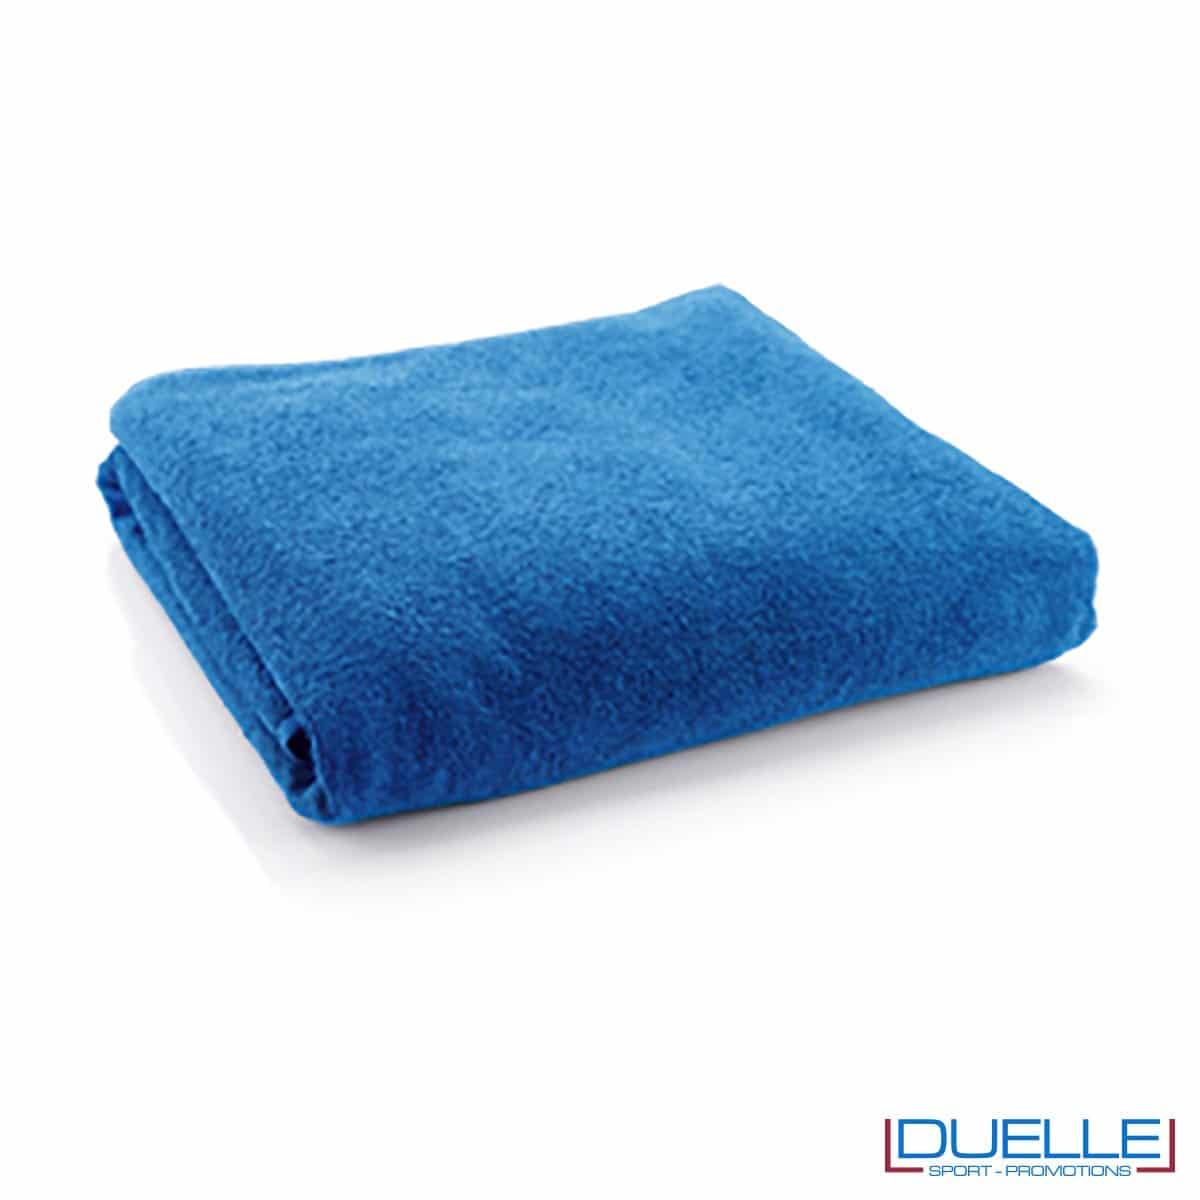 telo mare personalizzato cotone blu oltremare, gadget estate